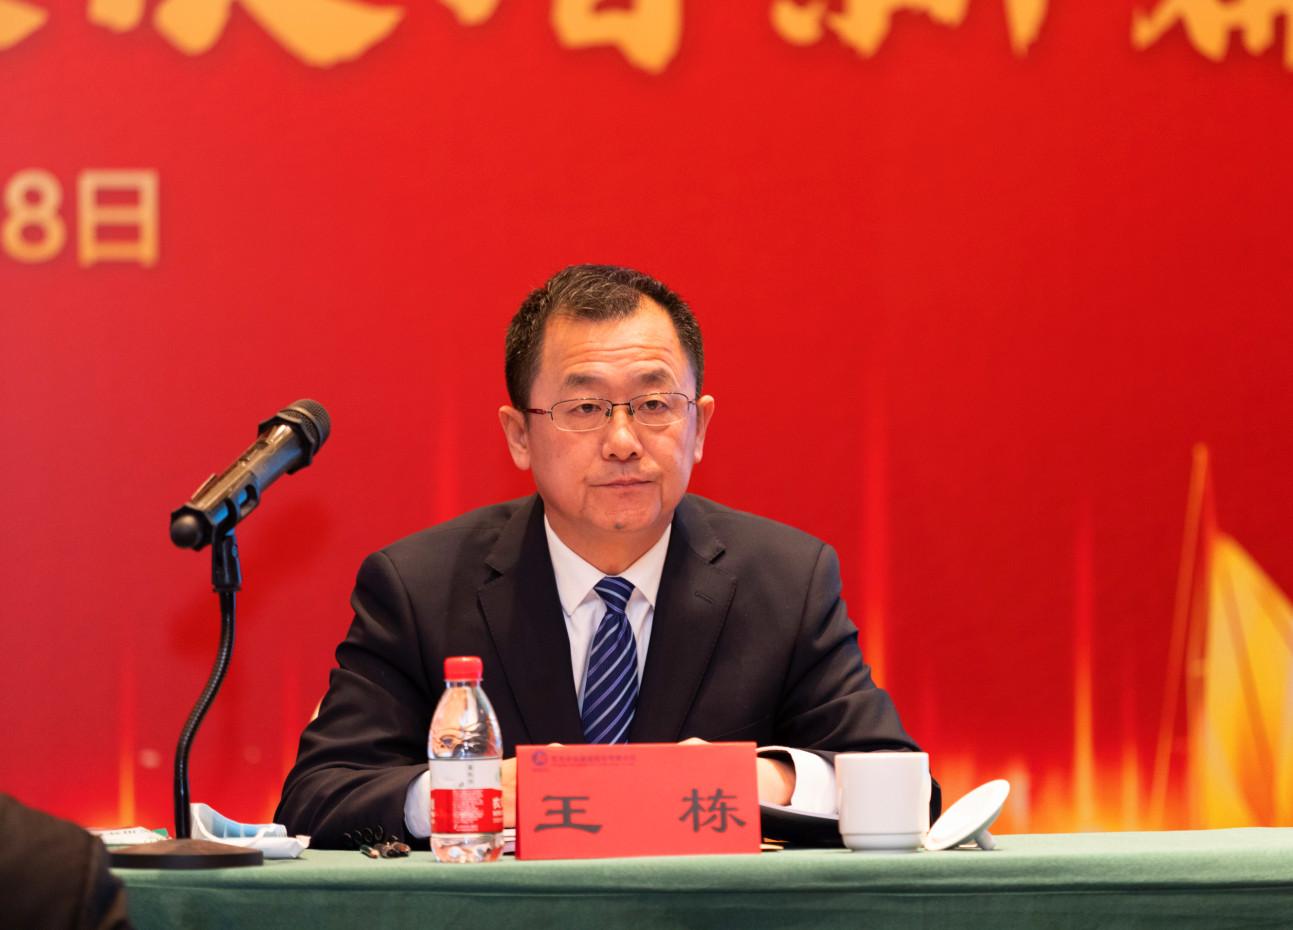 青岛安装建设股份有限公司2021年经济工作会议胜利召开